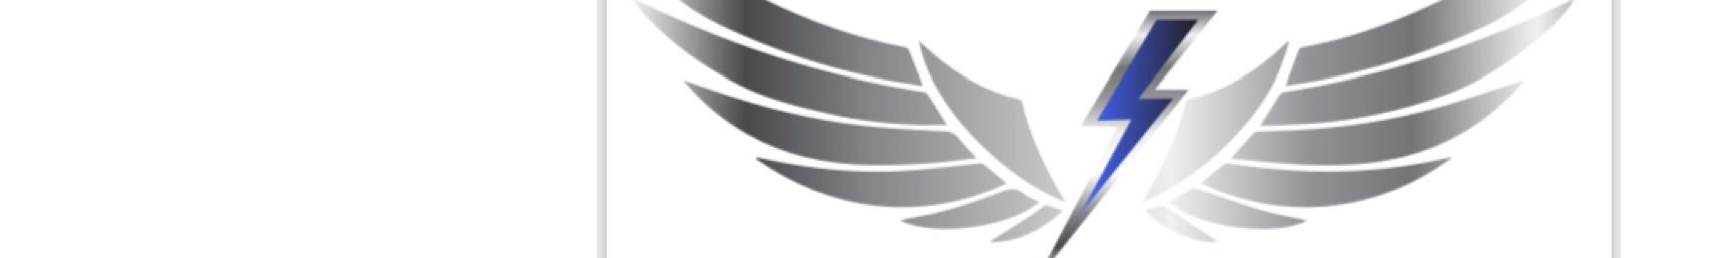 Arc Angel Electrical Solutions Llc Fort Worth Tx 76109